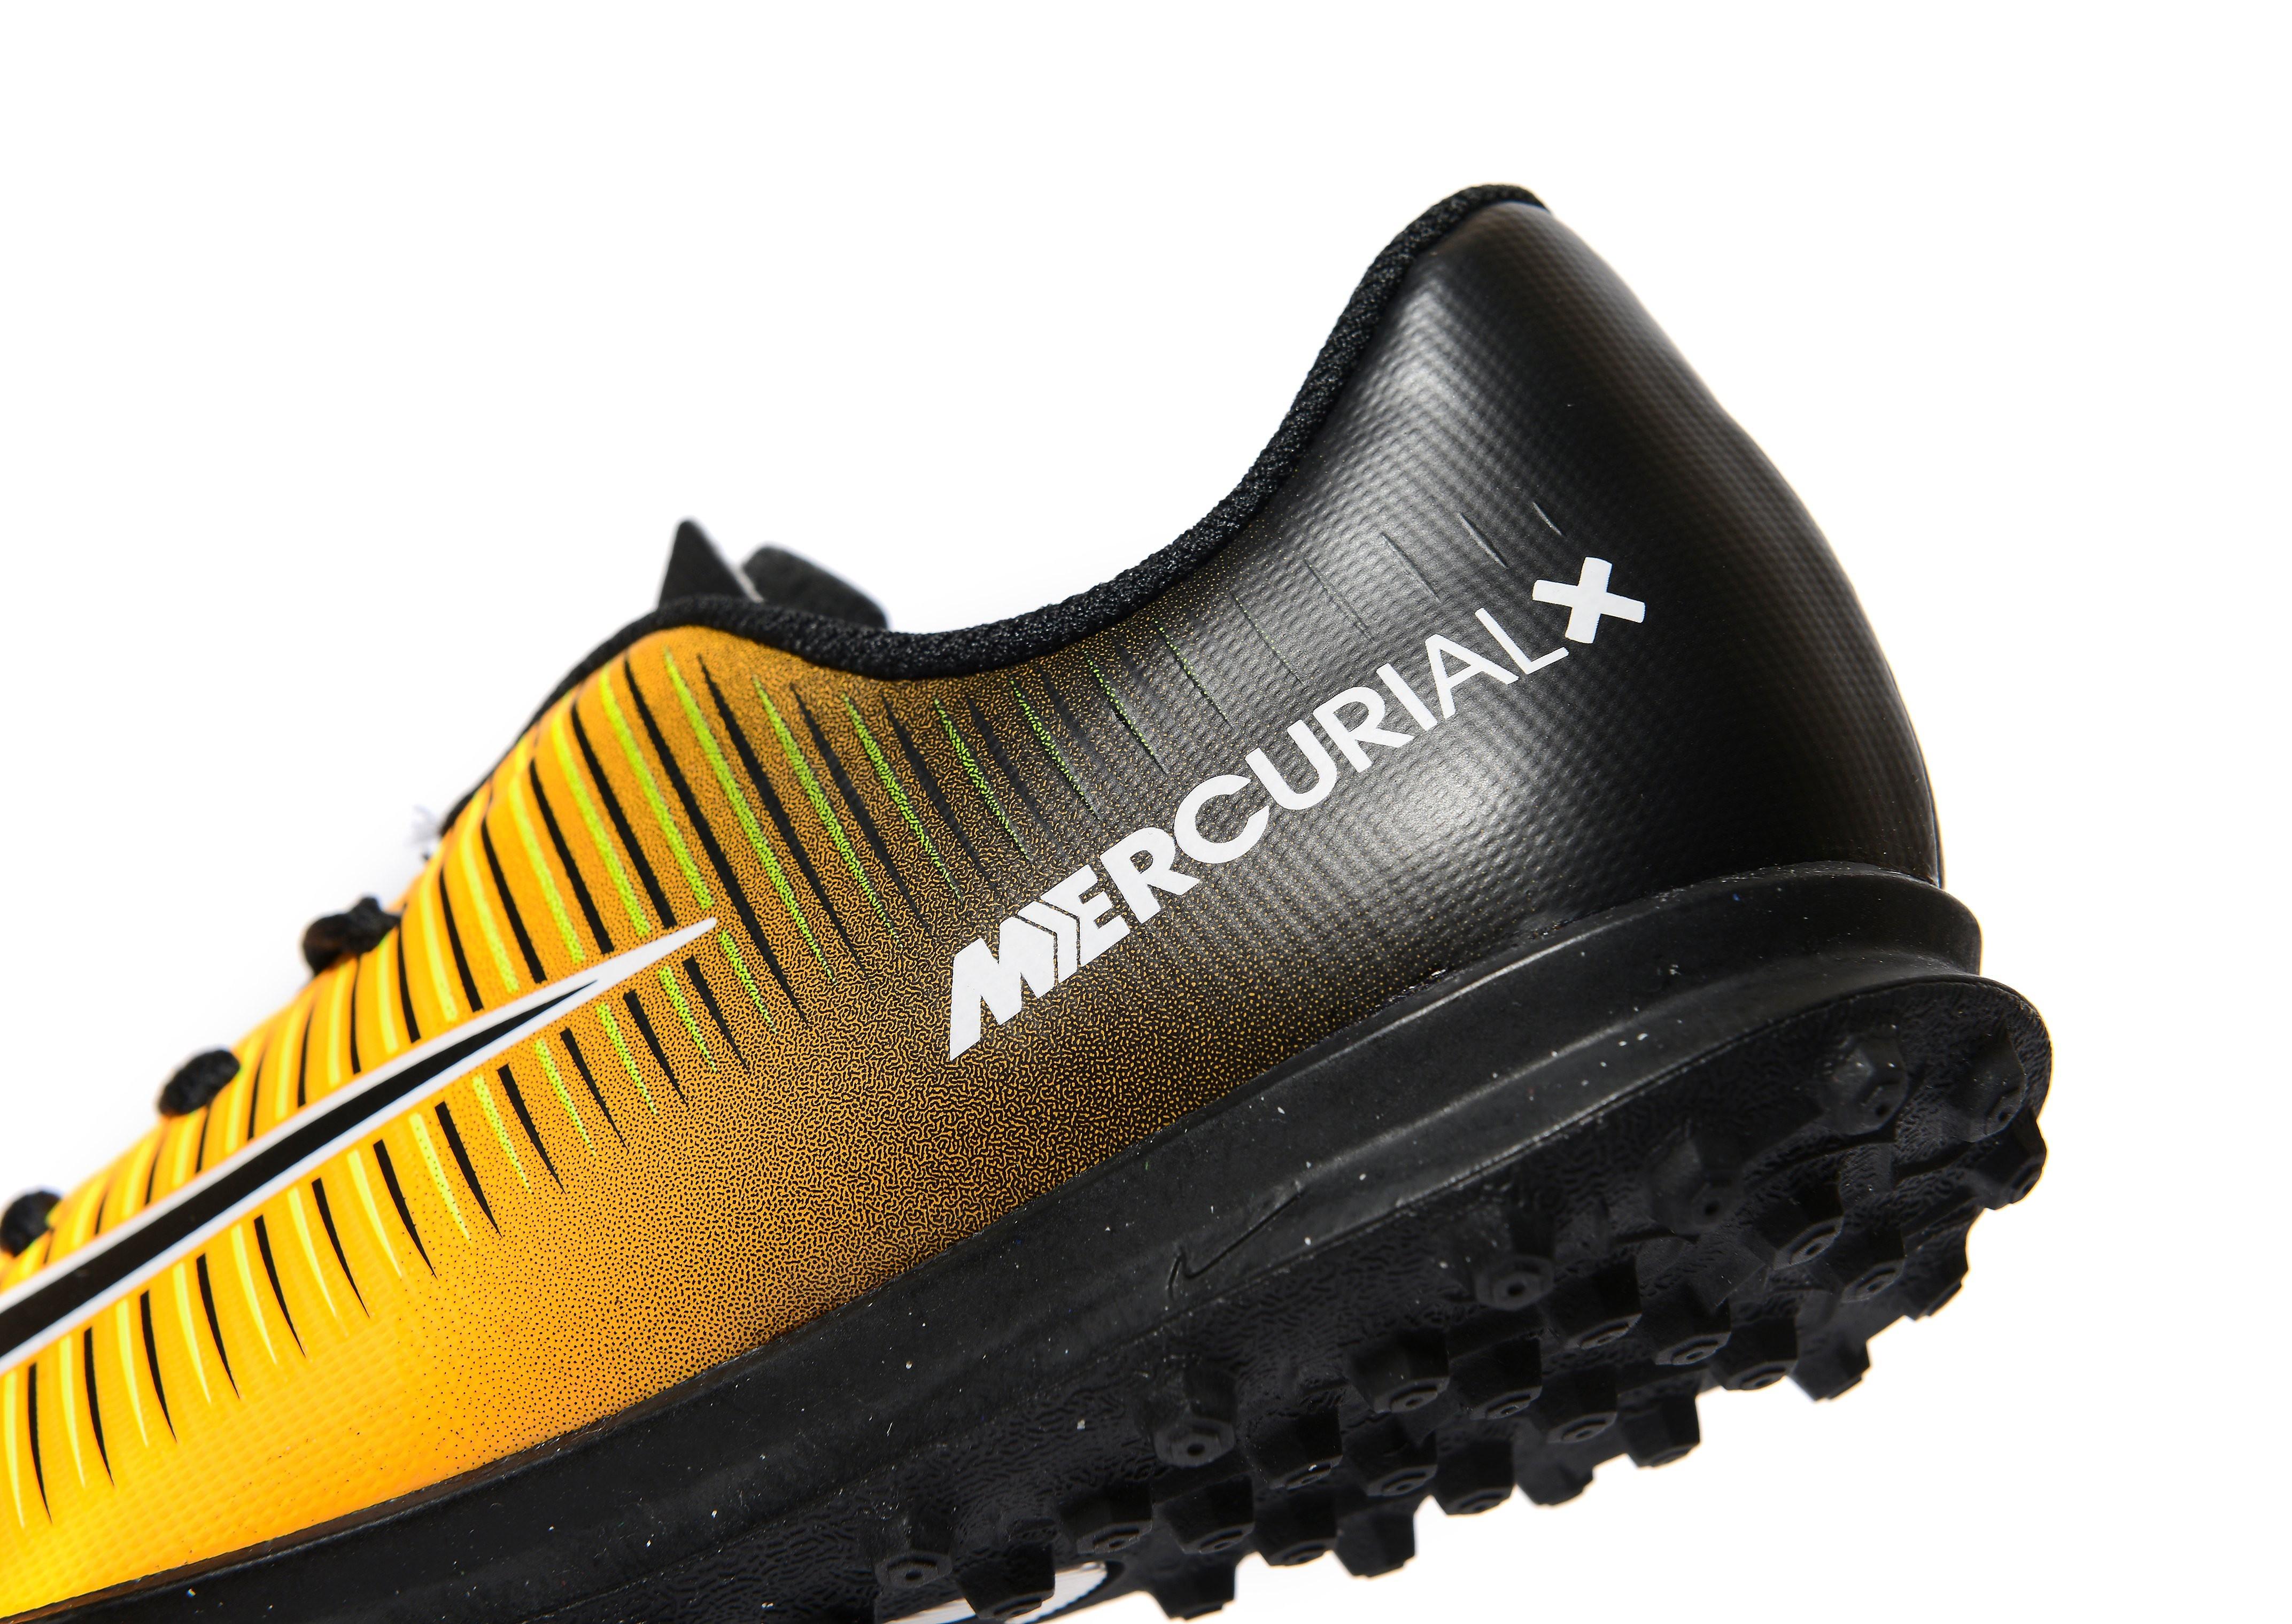 Nike Lock In Let Loose Mercurial Vortex III TF Children